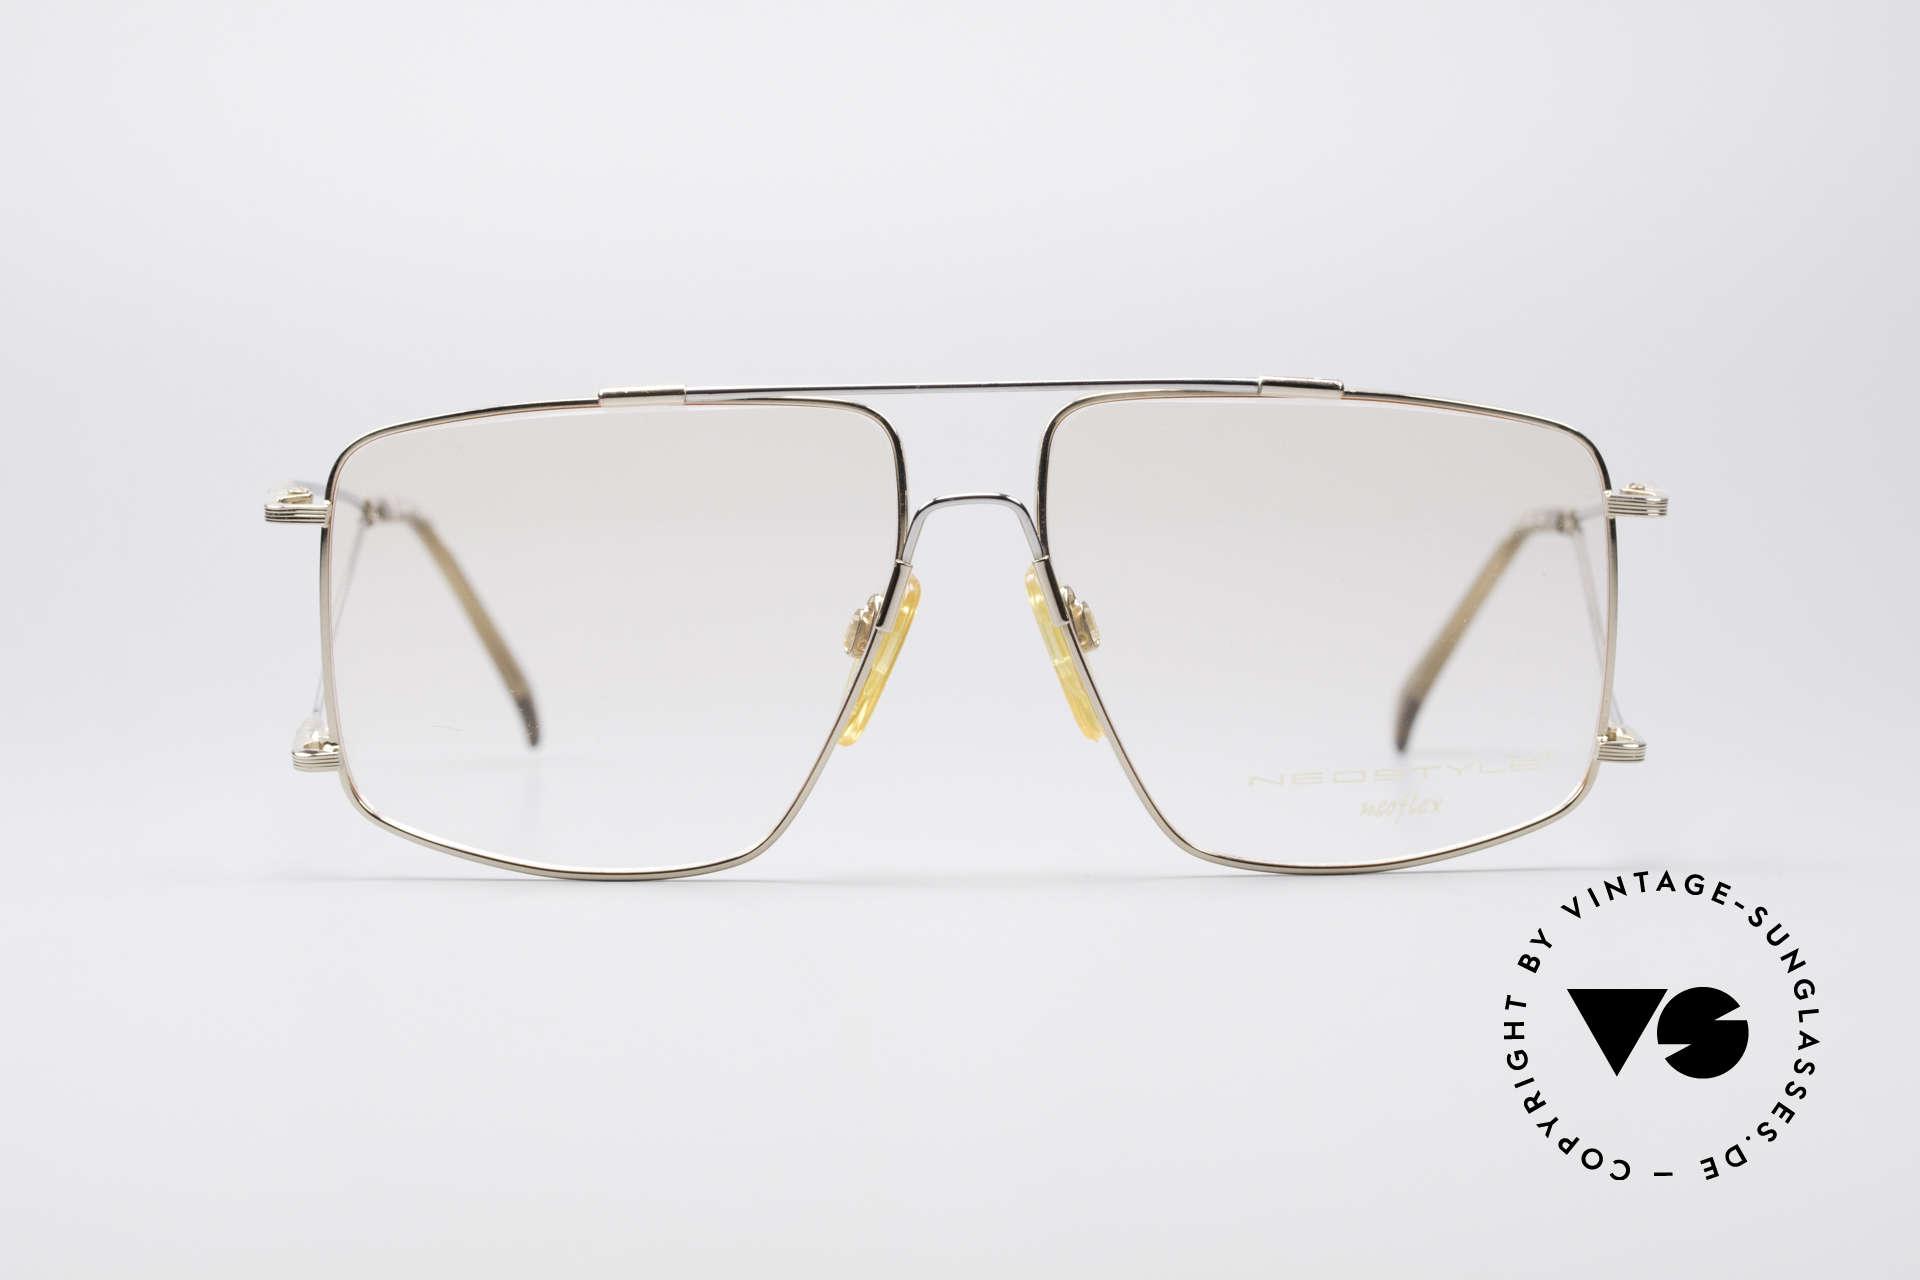 Neostyle Jet 40 Titanflex Vintage Brille, enormer Tragekomfort, dank TITAN-FLEX Material!, Passend für Herren